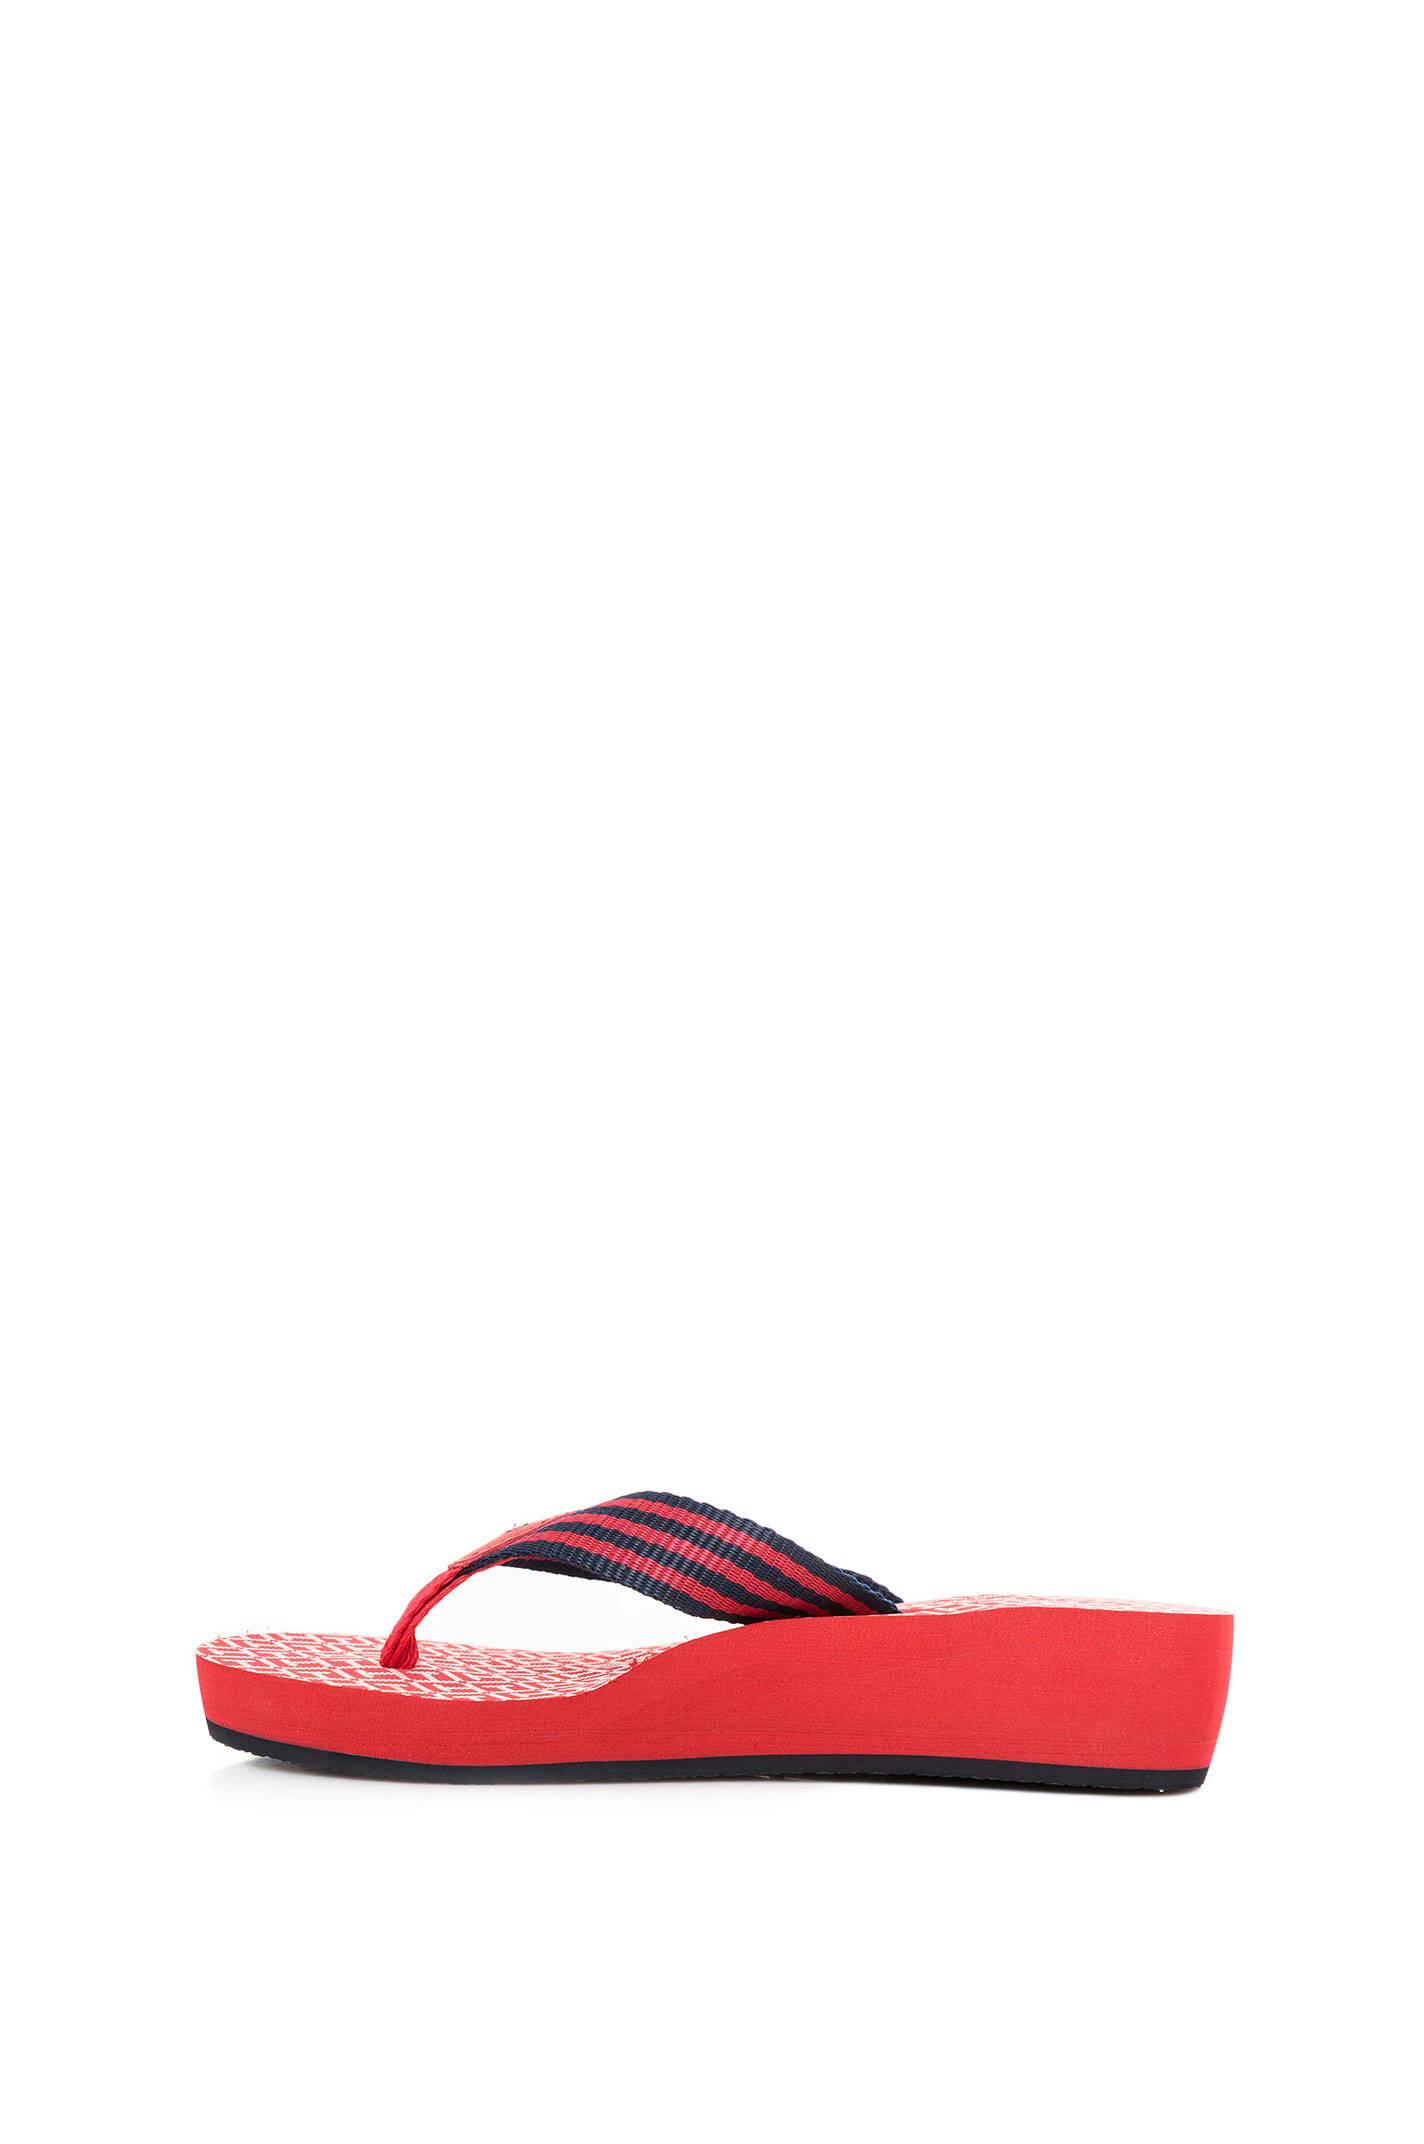 flip flops tommy hilfiger red shoes. Black Bedroom Furniture Sets. Home Design Ideas